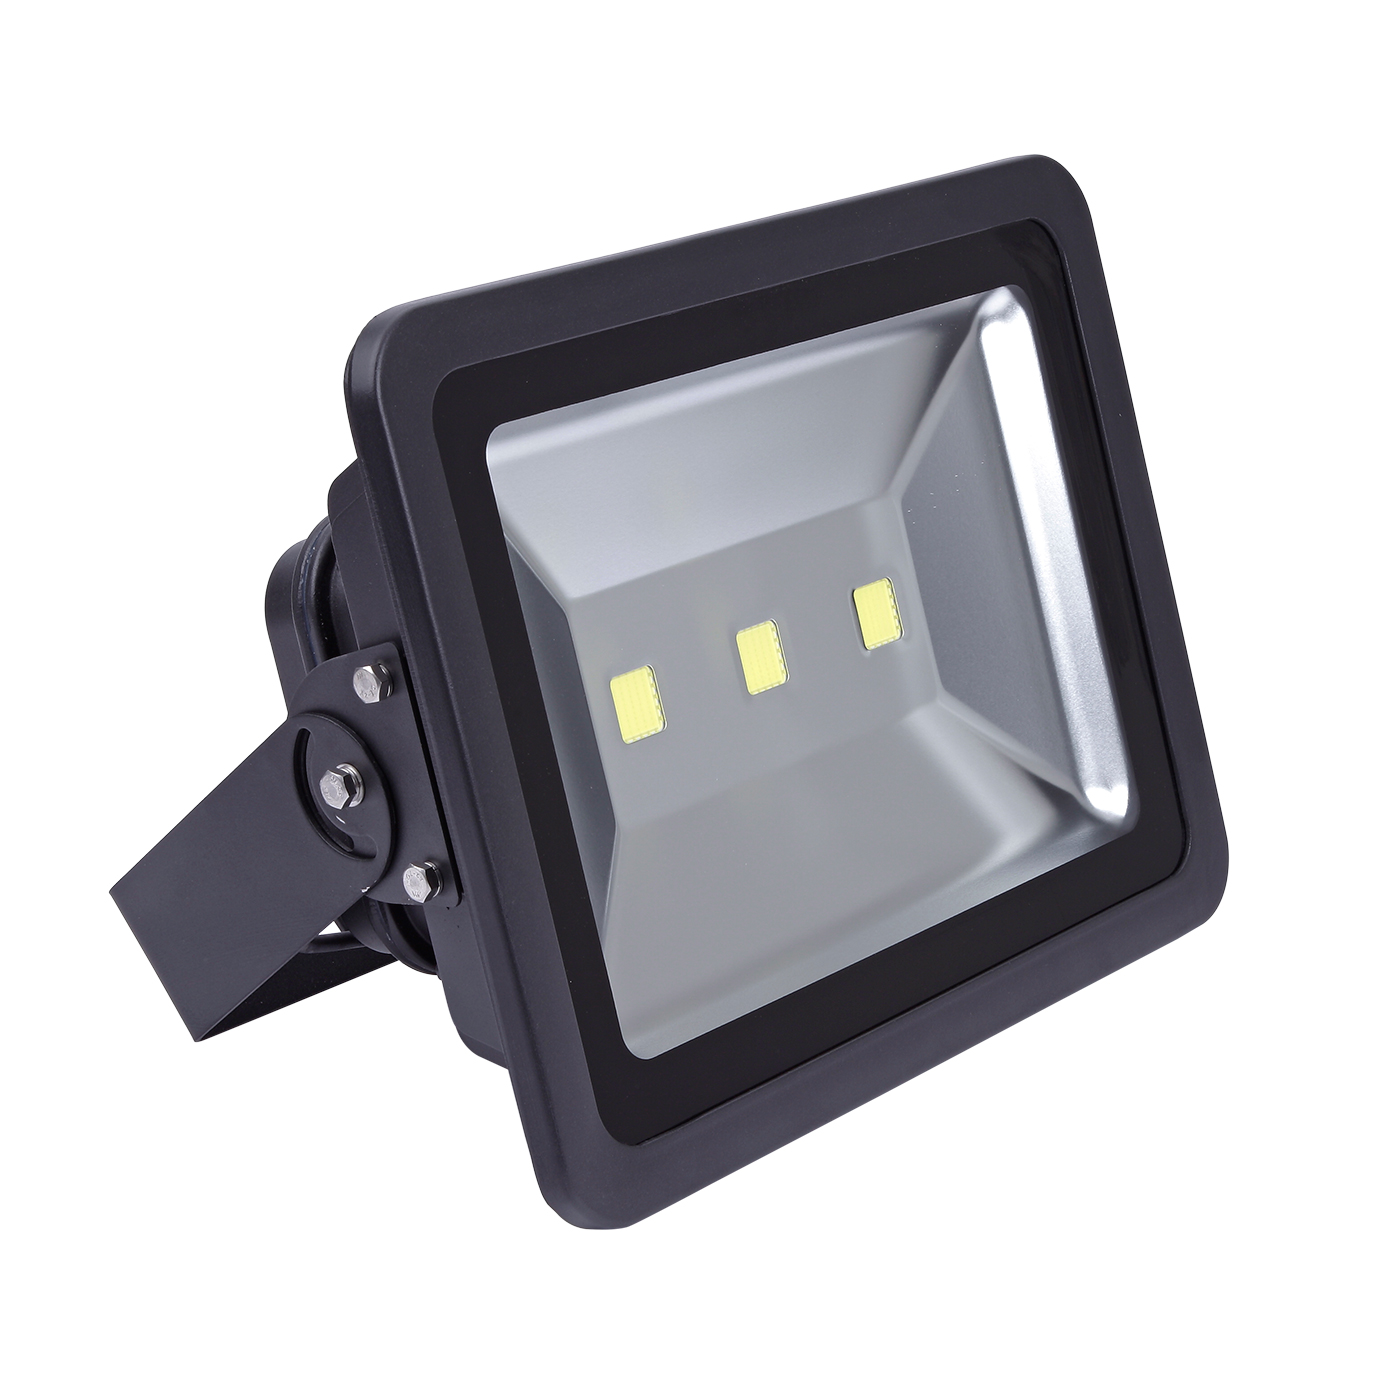 Faro Proiettore LED 150W Equivalente a 600 Watt Risparmio fino al 75% di Energia